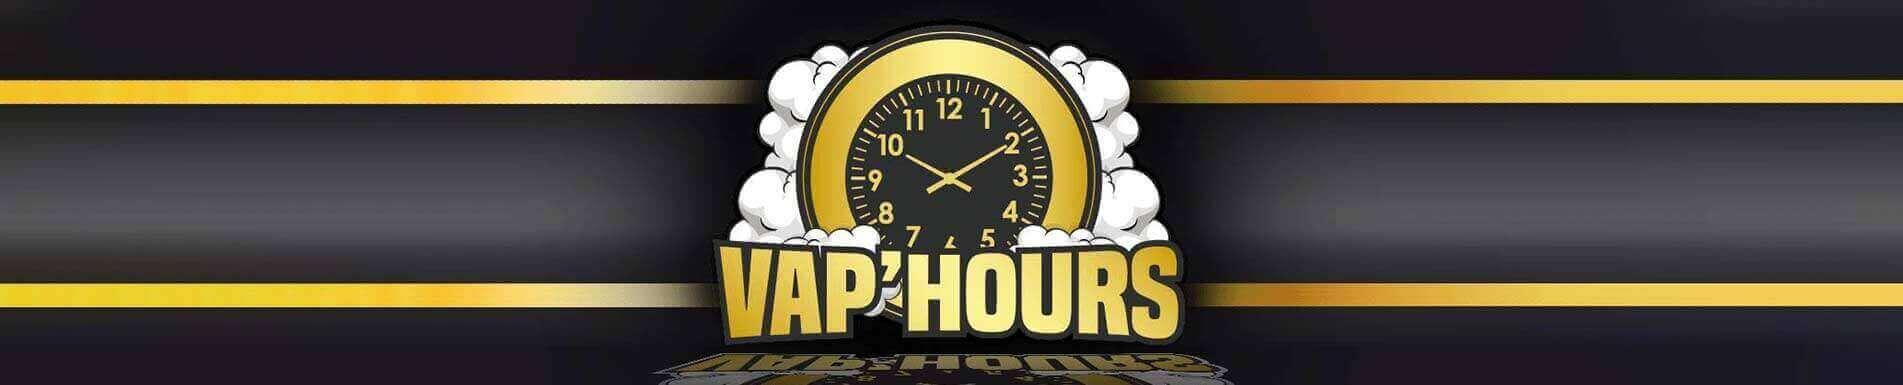 e-liquide vap'hours